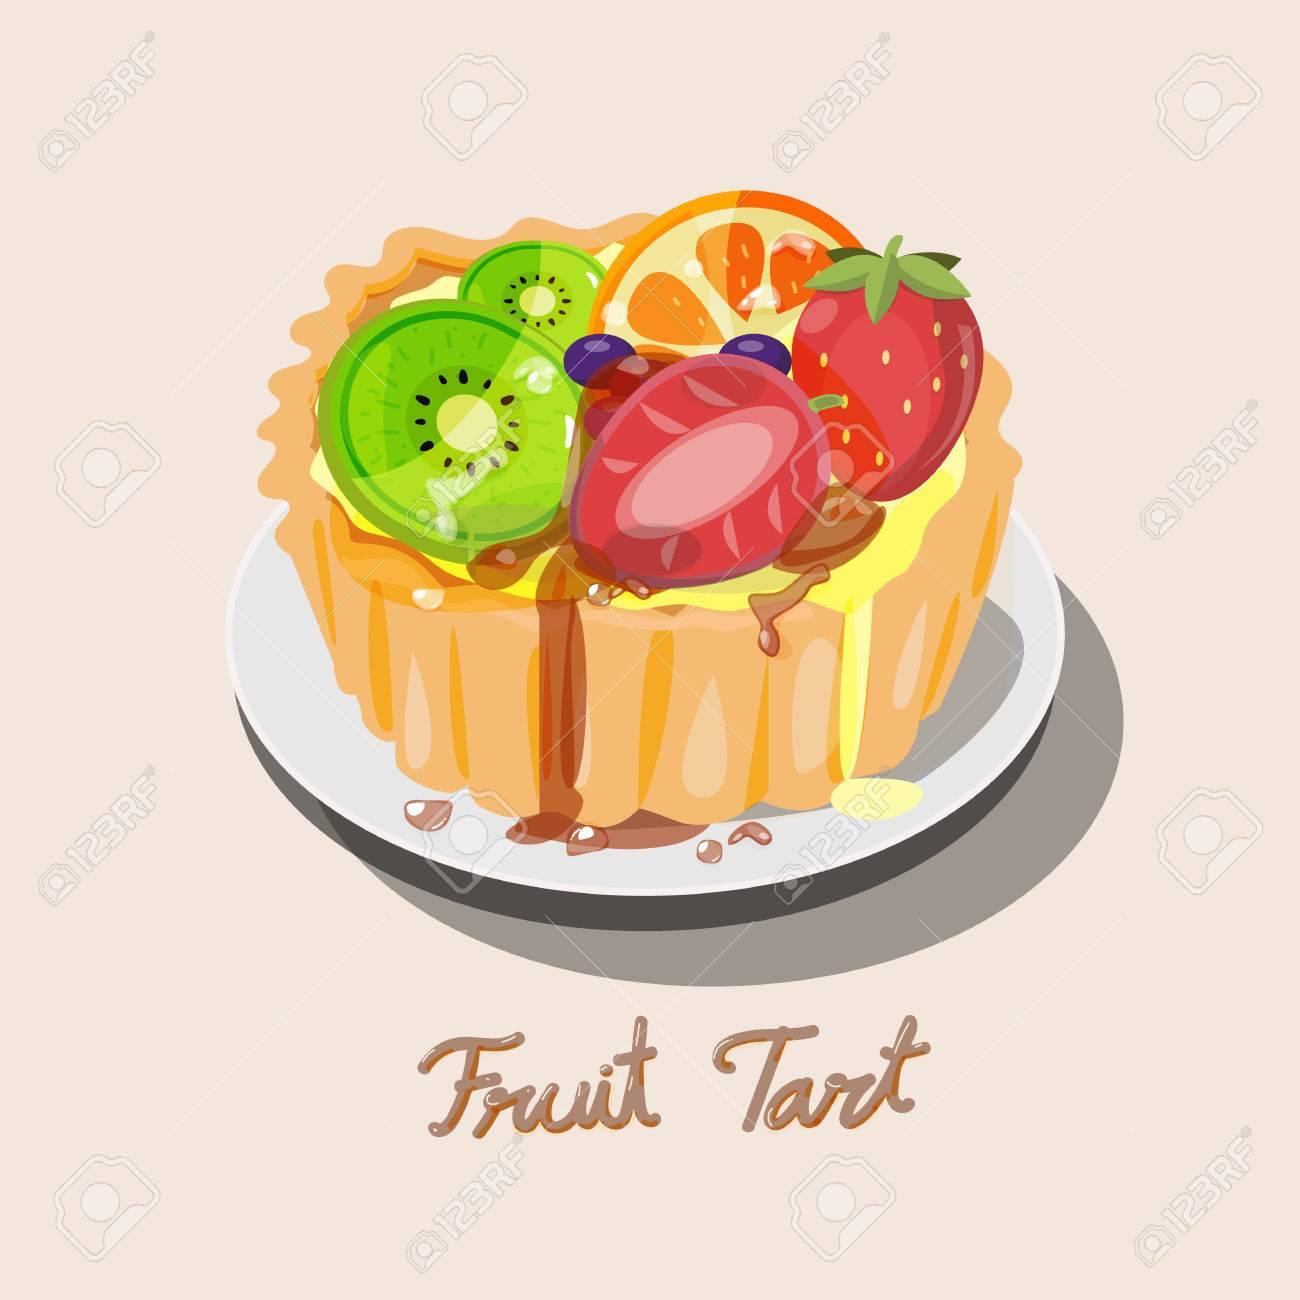 新鮮な果物キウイ ブルーベリー オレンジ キャラメルとイチゴのタルトかわいいキャラメル文字体裁デザインが付いてください デザートのタルト ベクトル図のイラスト素材 ベクタ Image